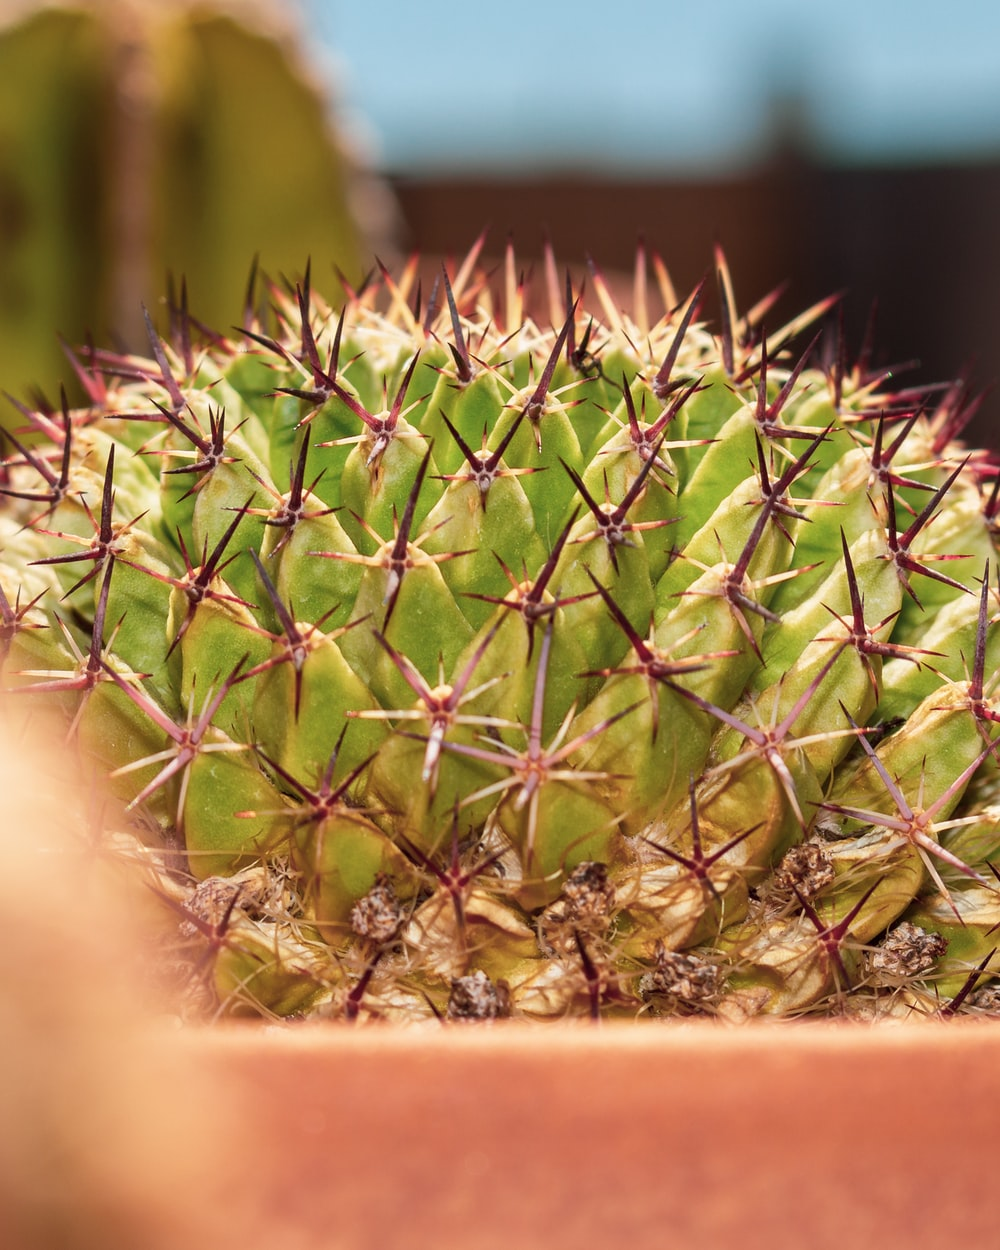 green cactus in brown pot